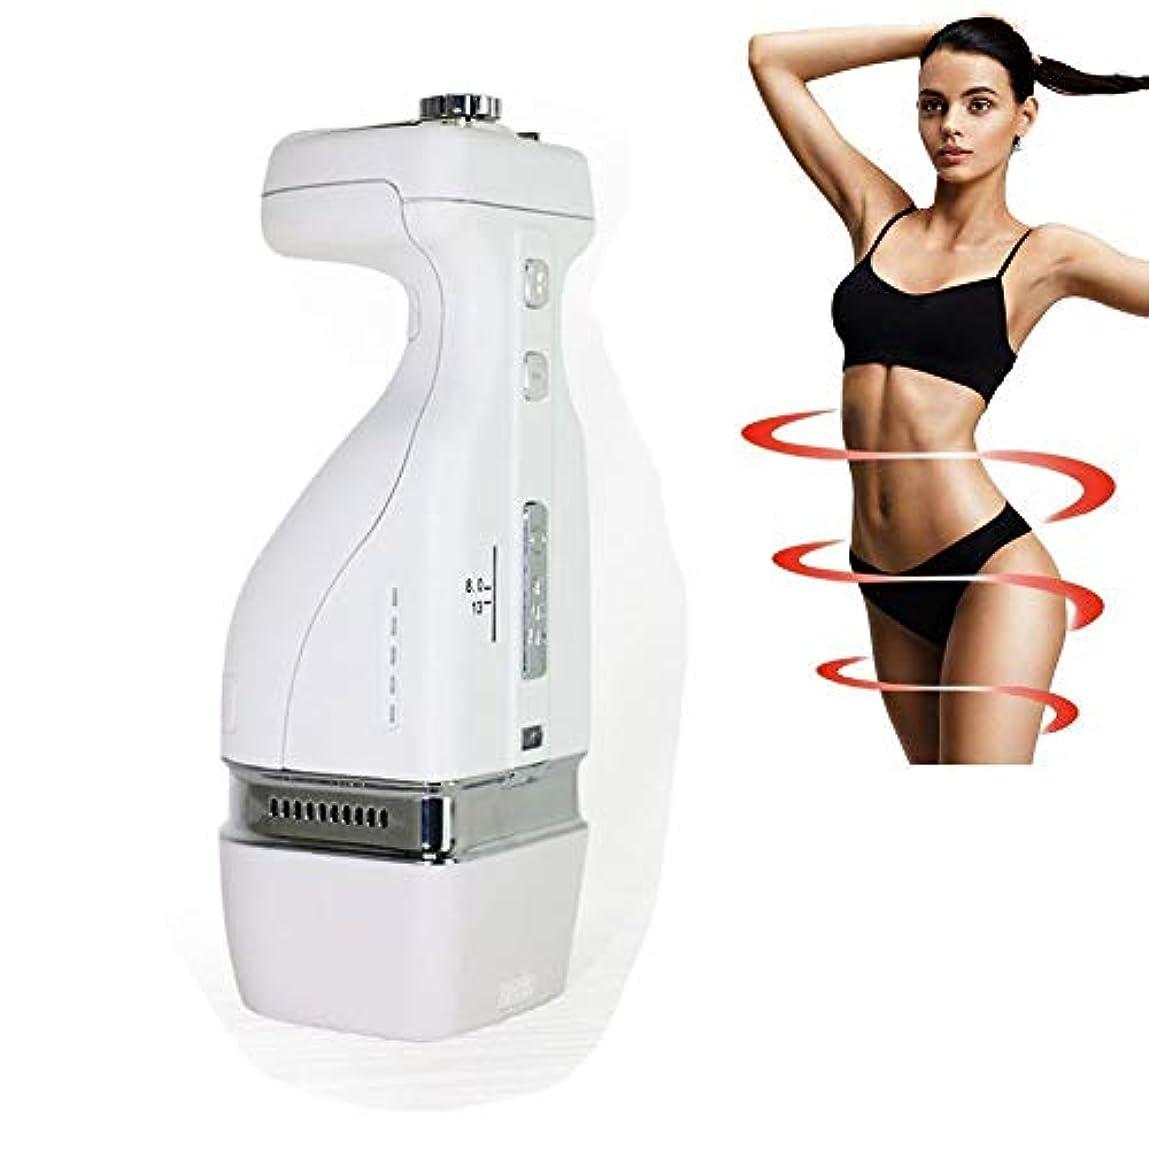 ラショナルアセンブリコンテンツHIFU痩身ボディ腹脂肪除去マッサージャー2 in1便利な減量脂肪マシン家庭用フェイシャルビューティーサロン機器